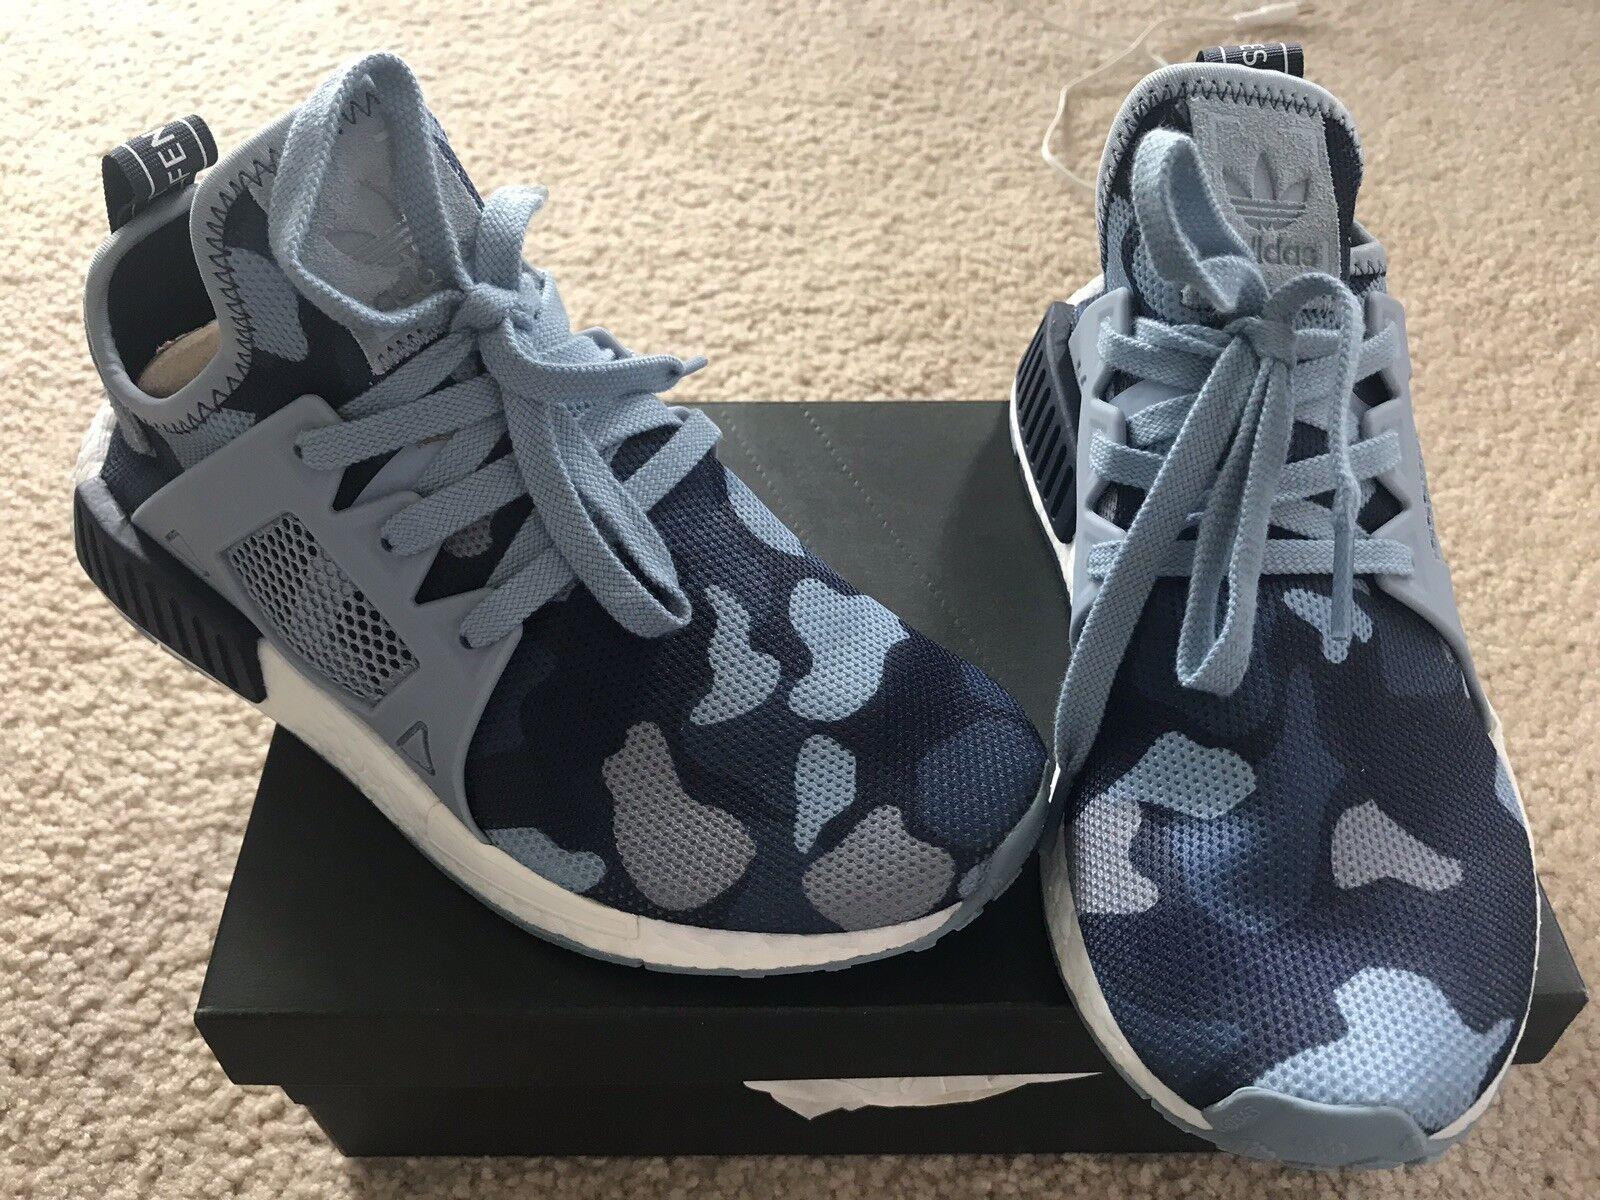 Adidas nmd xr1 W BA7754 Size 6.5